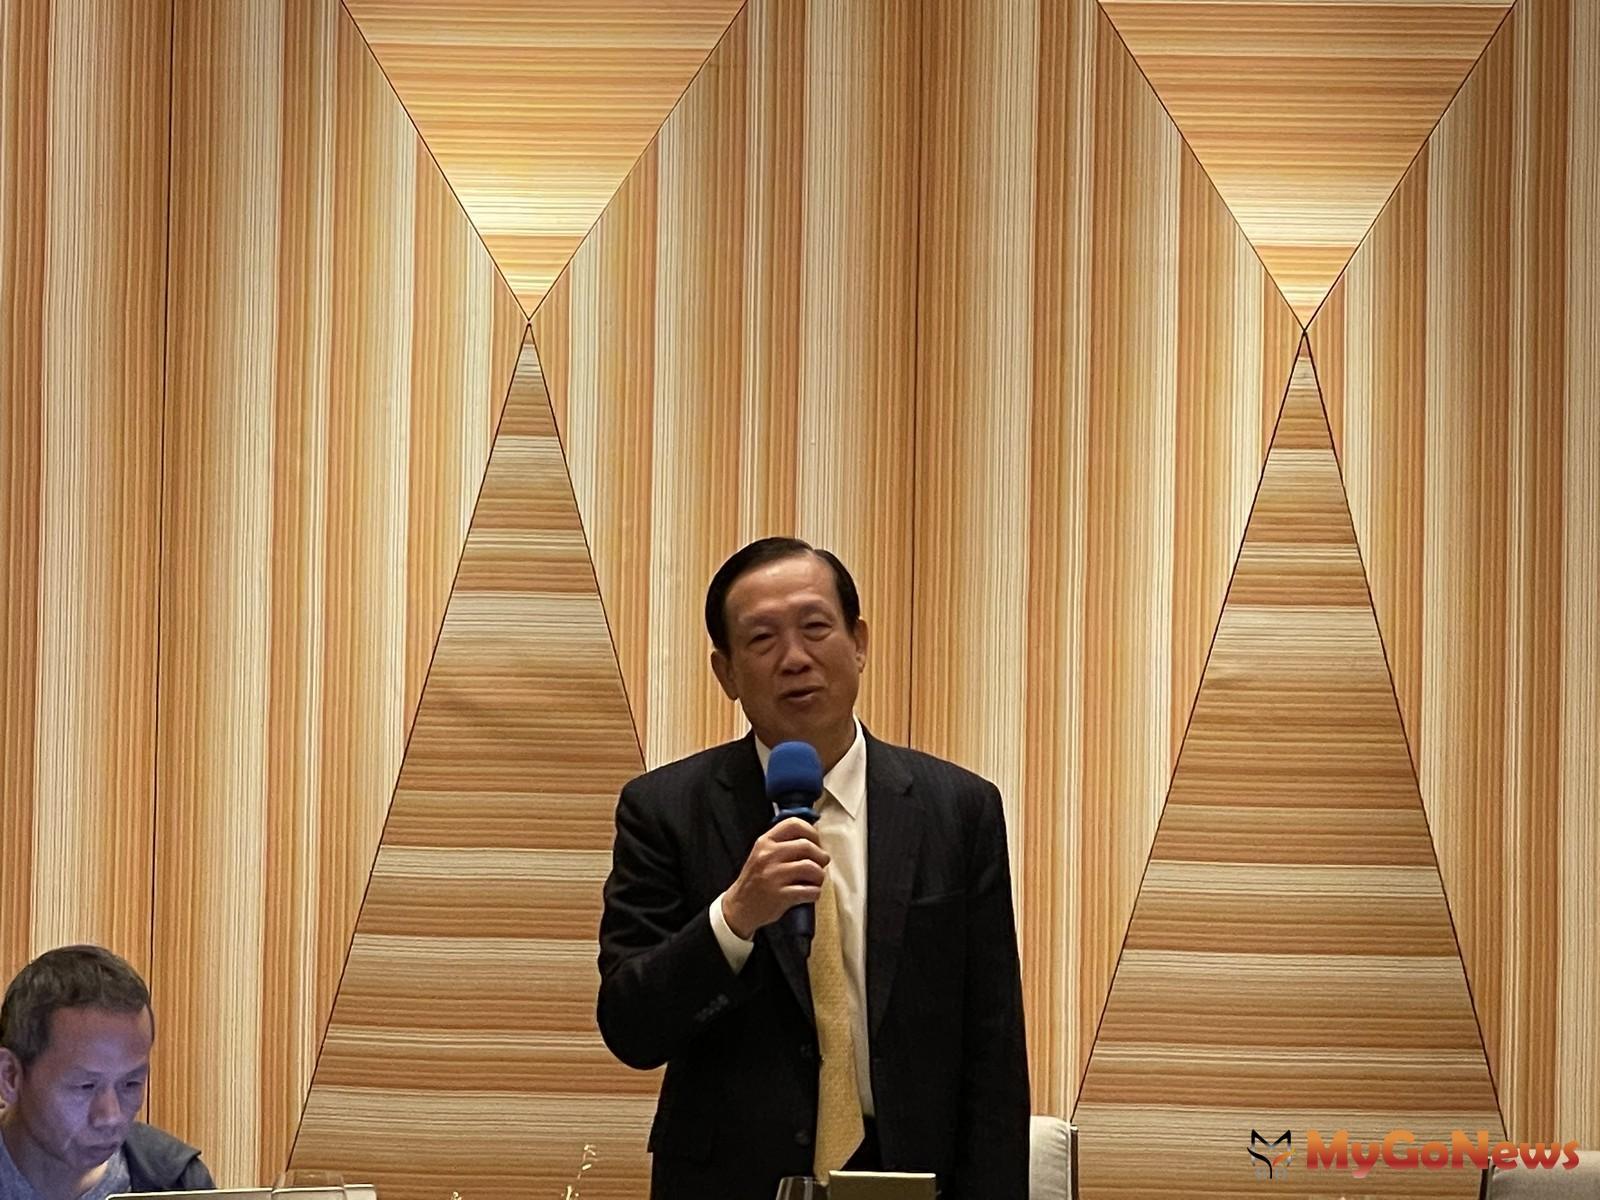 鄉林集團董事長賴正鎰2021年2月3日在年度記者會上,宣布鄉林集團的未來5年的「六大藍海策略」 MyGoNews房地產新聞 市場快訊